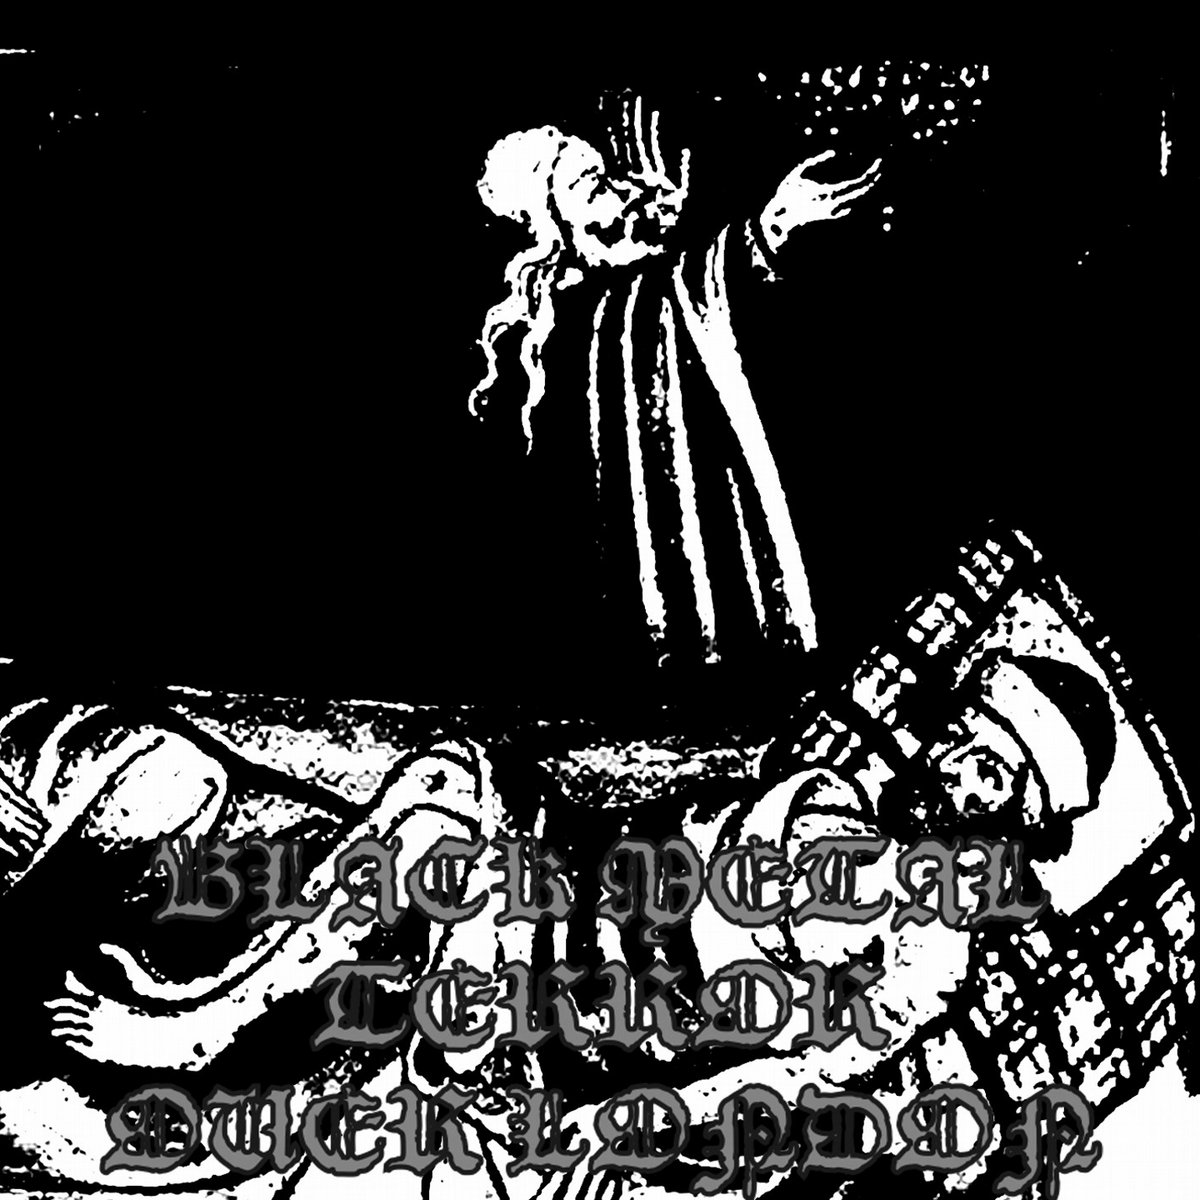 Aleister Crowley & Ordo Templi Orientis | Todestrieb Records